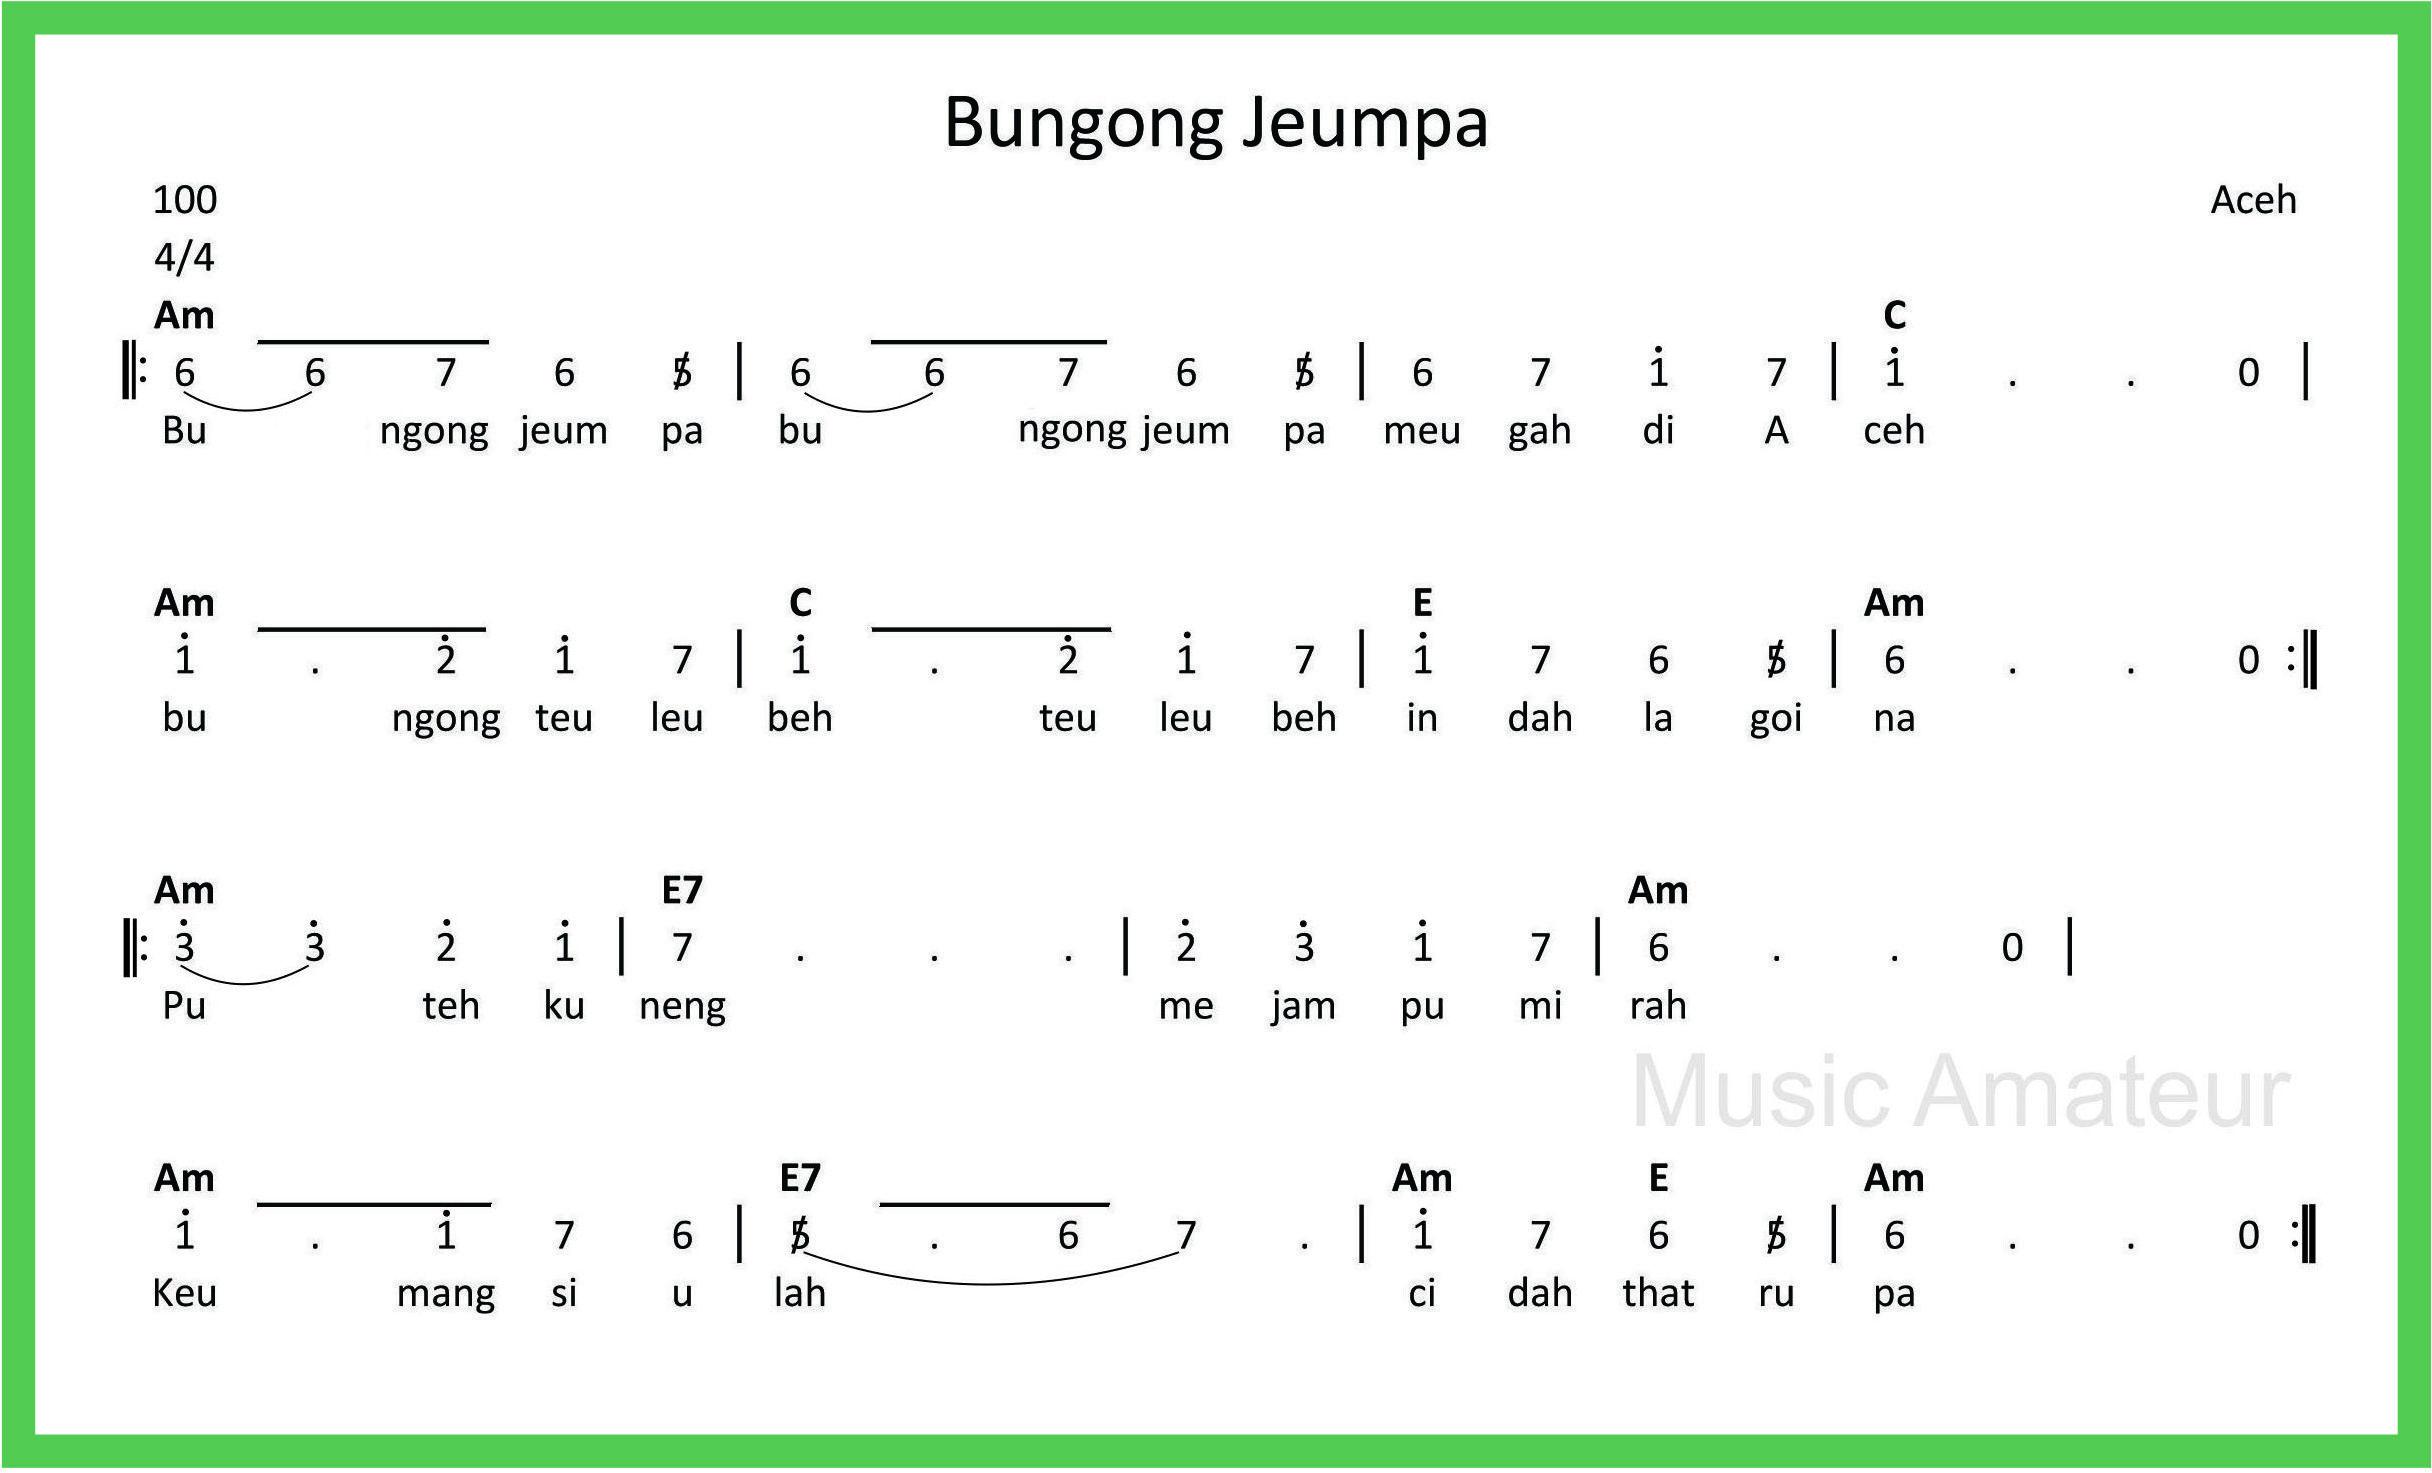 Not Angka Bungong Jeumpa Pianika Teks Lucu Buku Pelajaran